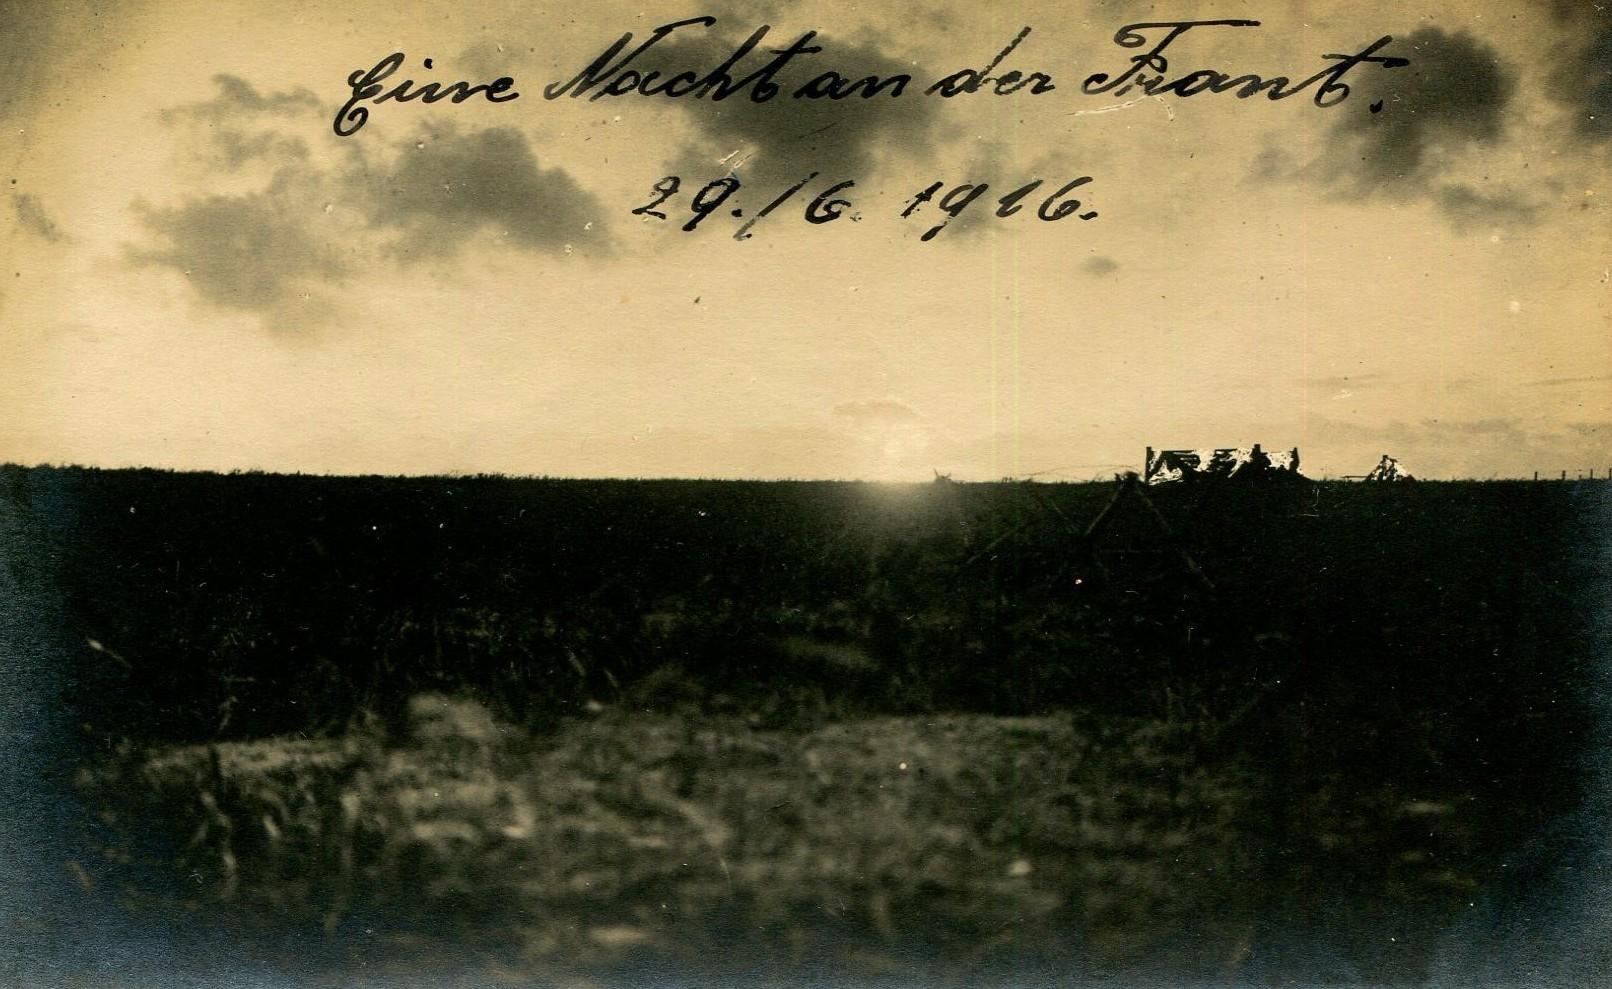 Anonyme, Eine Nacht and der Front, juin 1916